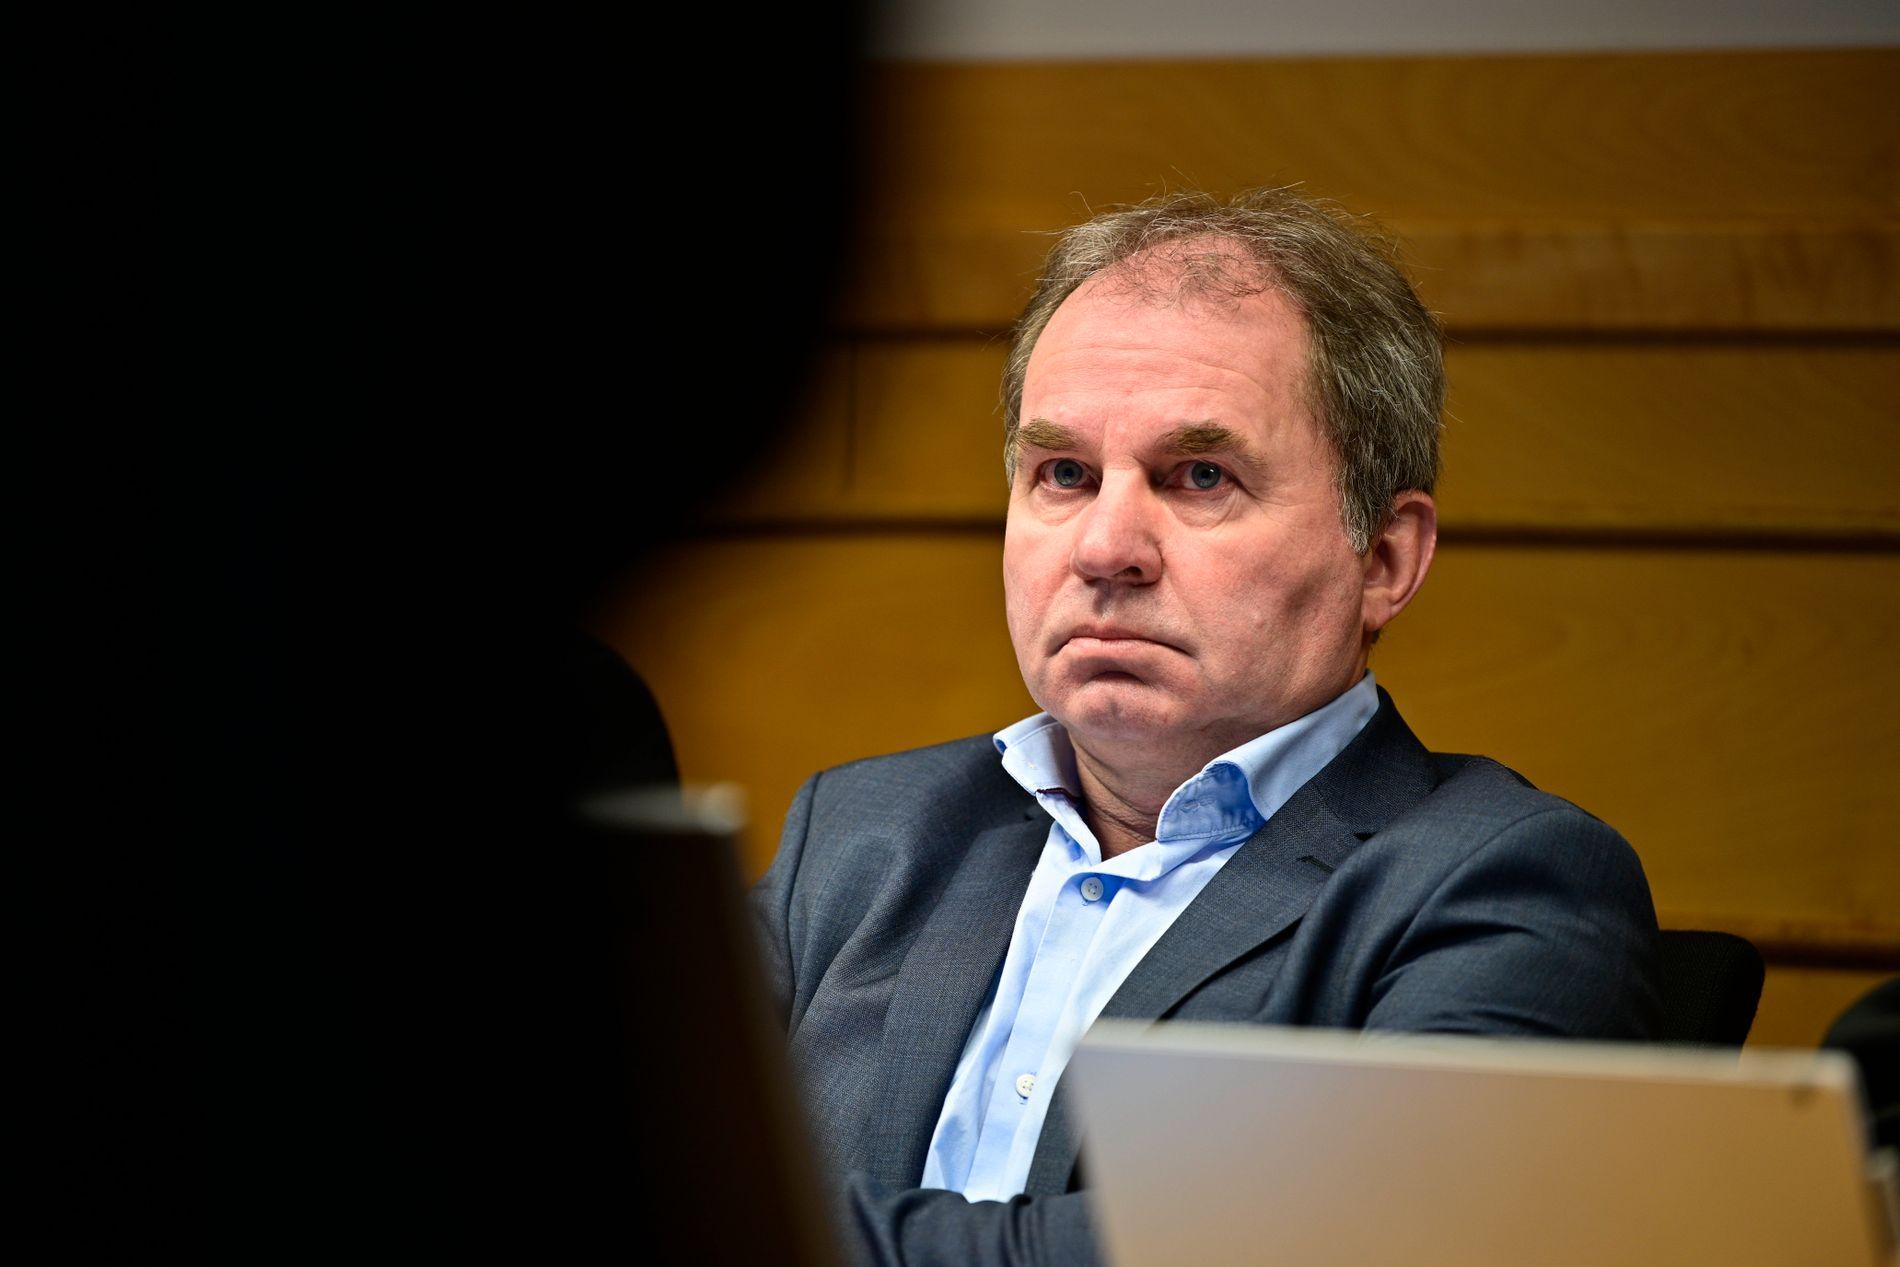 RBK-LEDER: Trond Alstad, leder for strategi, kommunikasjon og samfunnsansvar i Rosenborg, var ikke kjent med opplysningene i denne saken før VG tok kontakt.